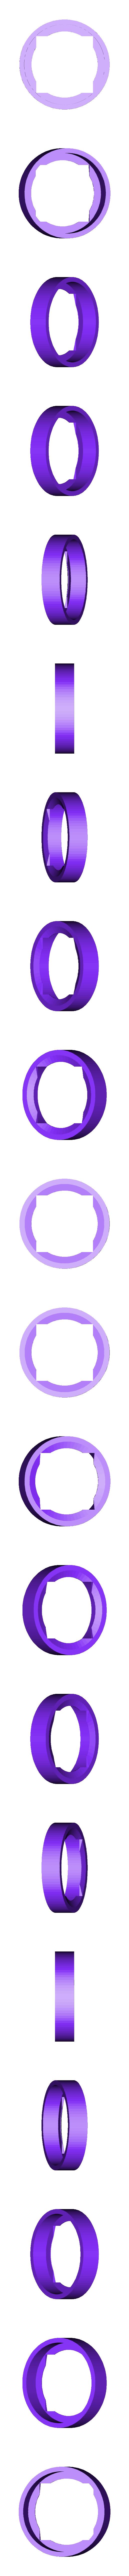 LENS_clip_0-2.stl Télécharger fichier STL gratuit CADDX Turtle ND Clip / Protecteur d'objectif • Plan à imprimer en 3D, Gophy